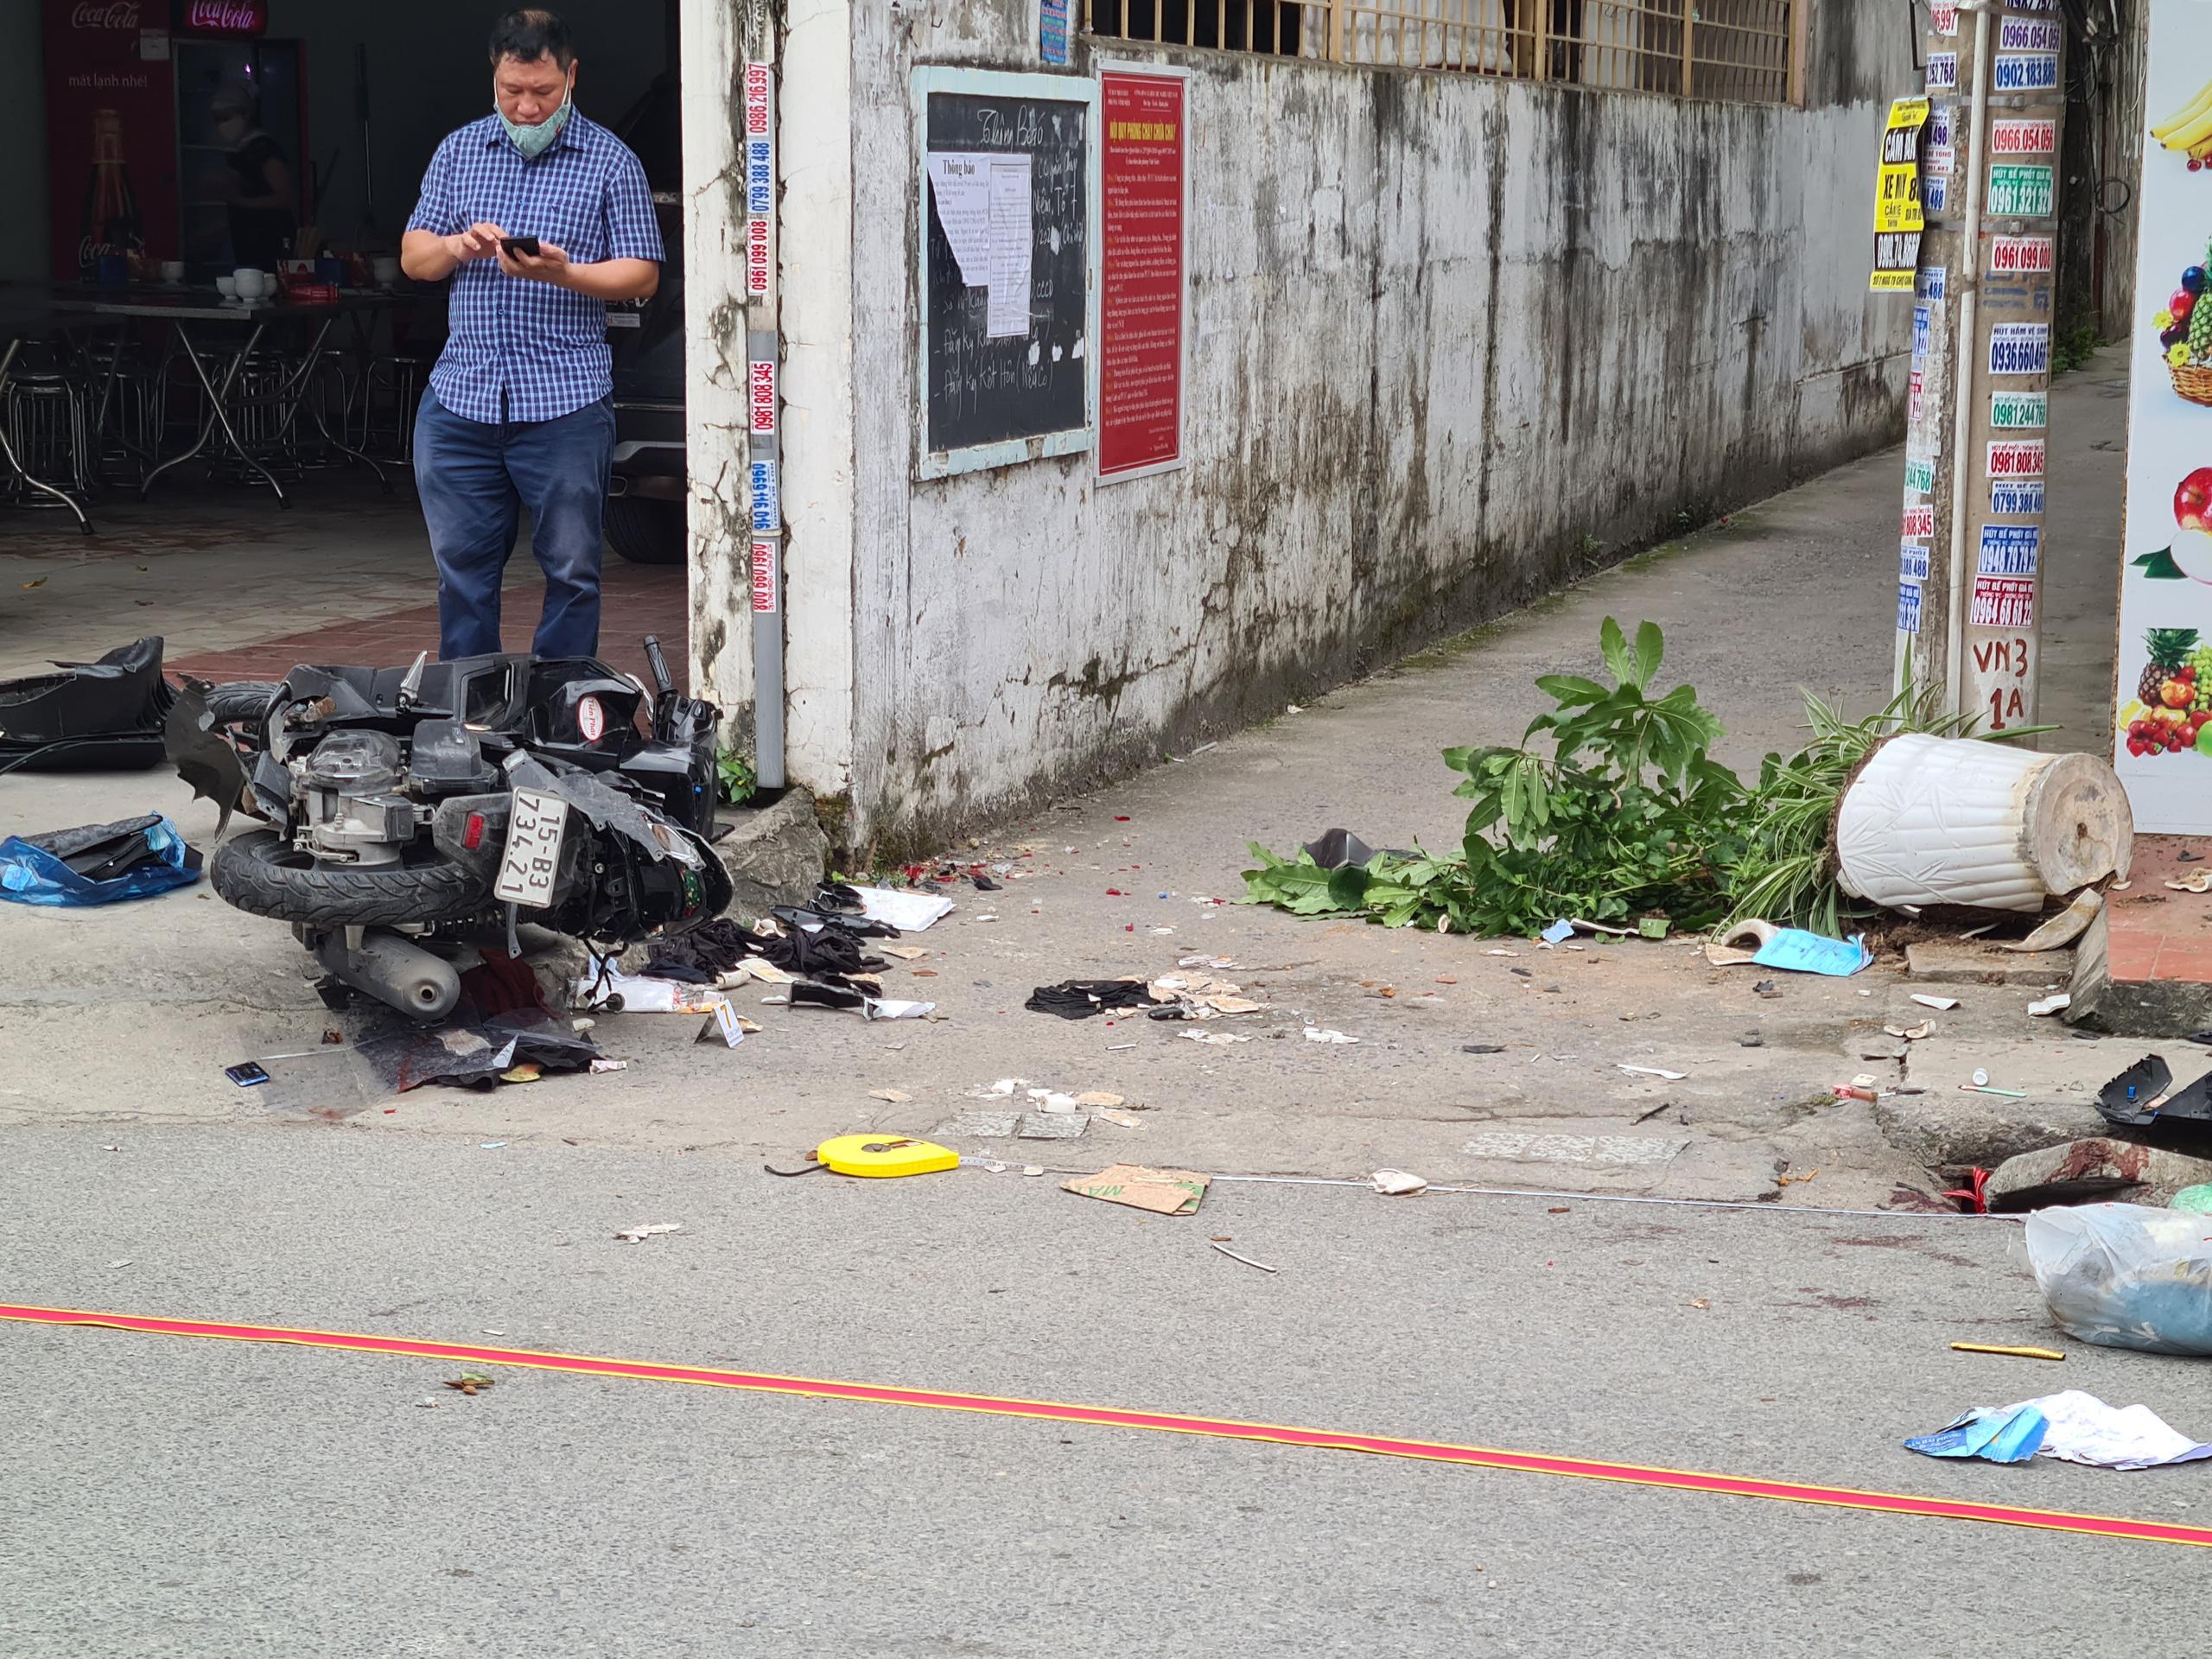 Hải Phòng: Nghi án ô tô truy đuổi xe máy khiến 2 người thiệt mạng - Ảnh 3.